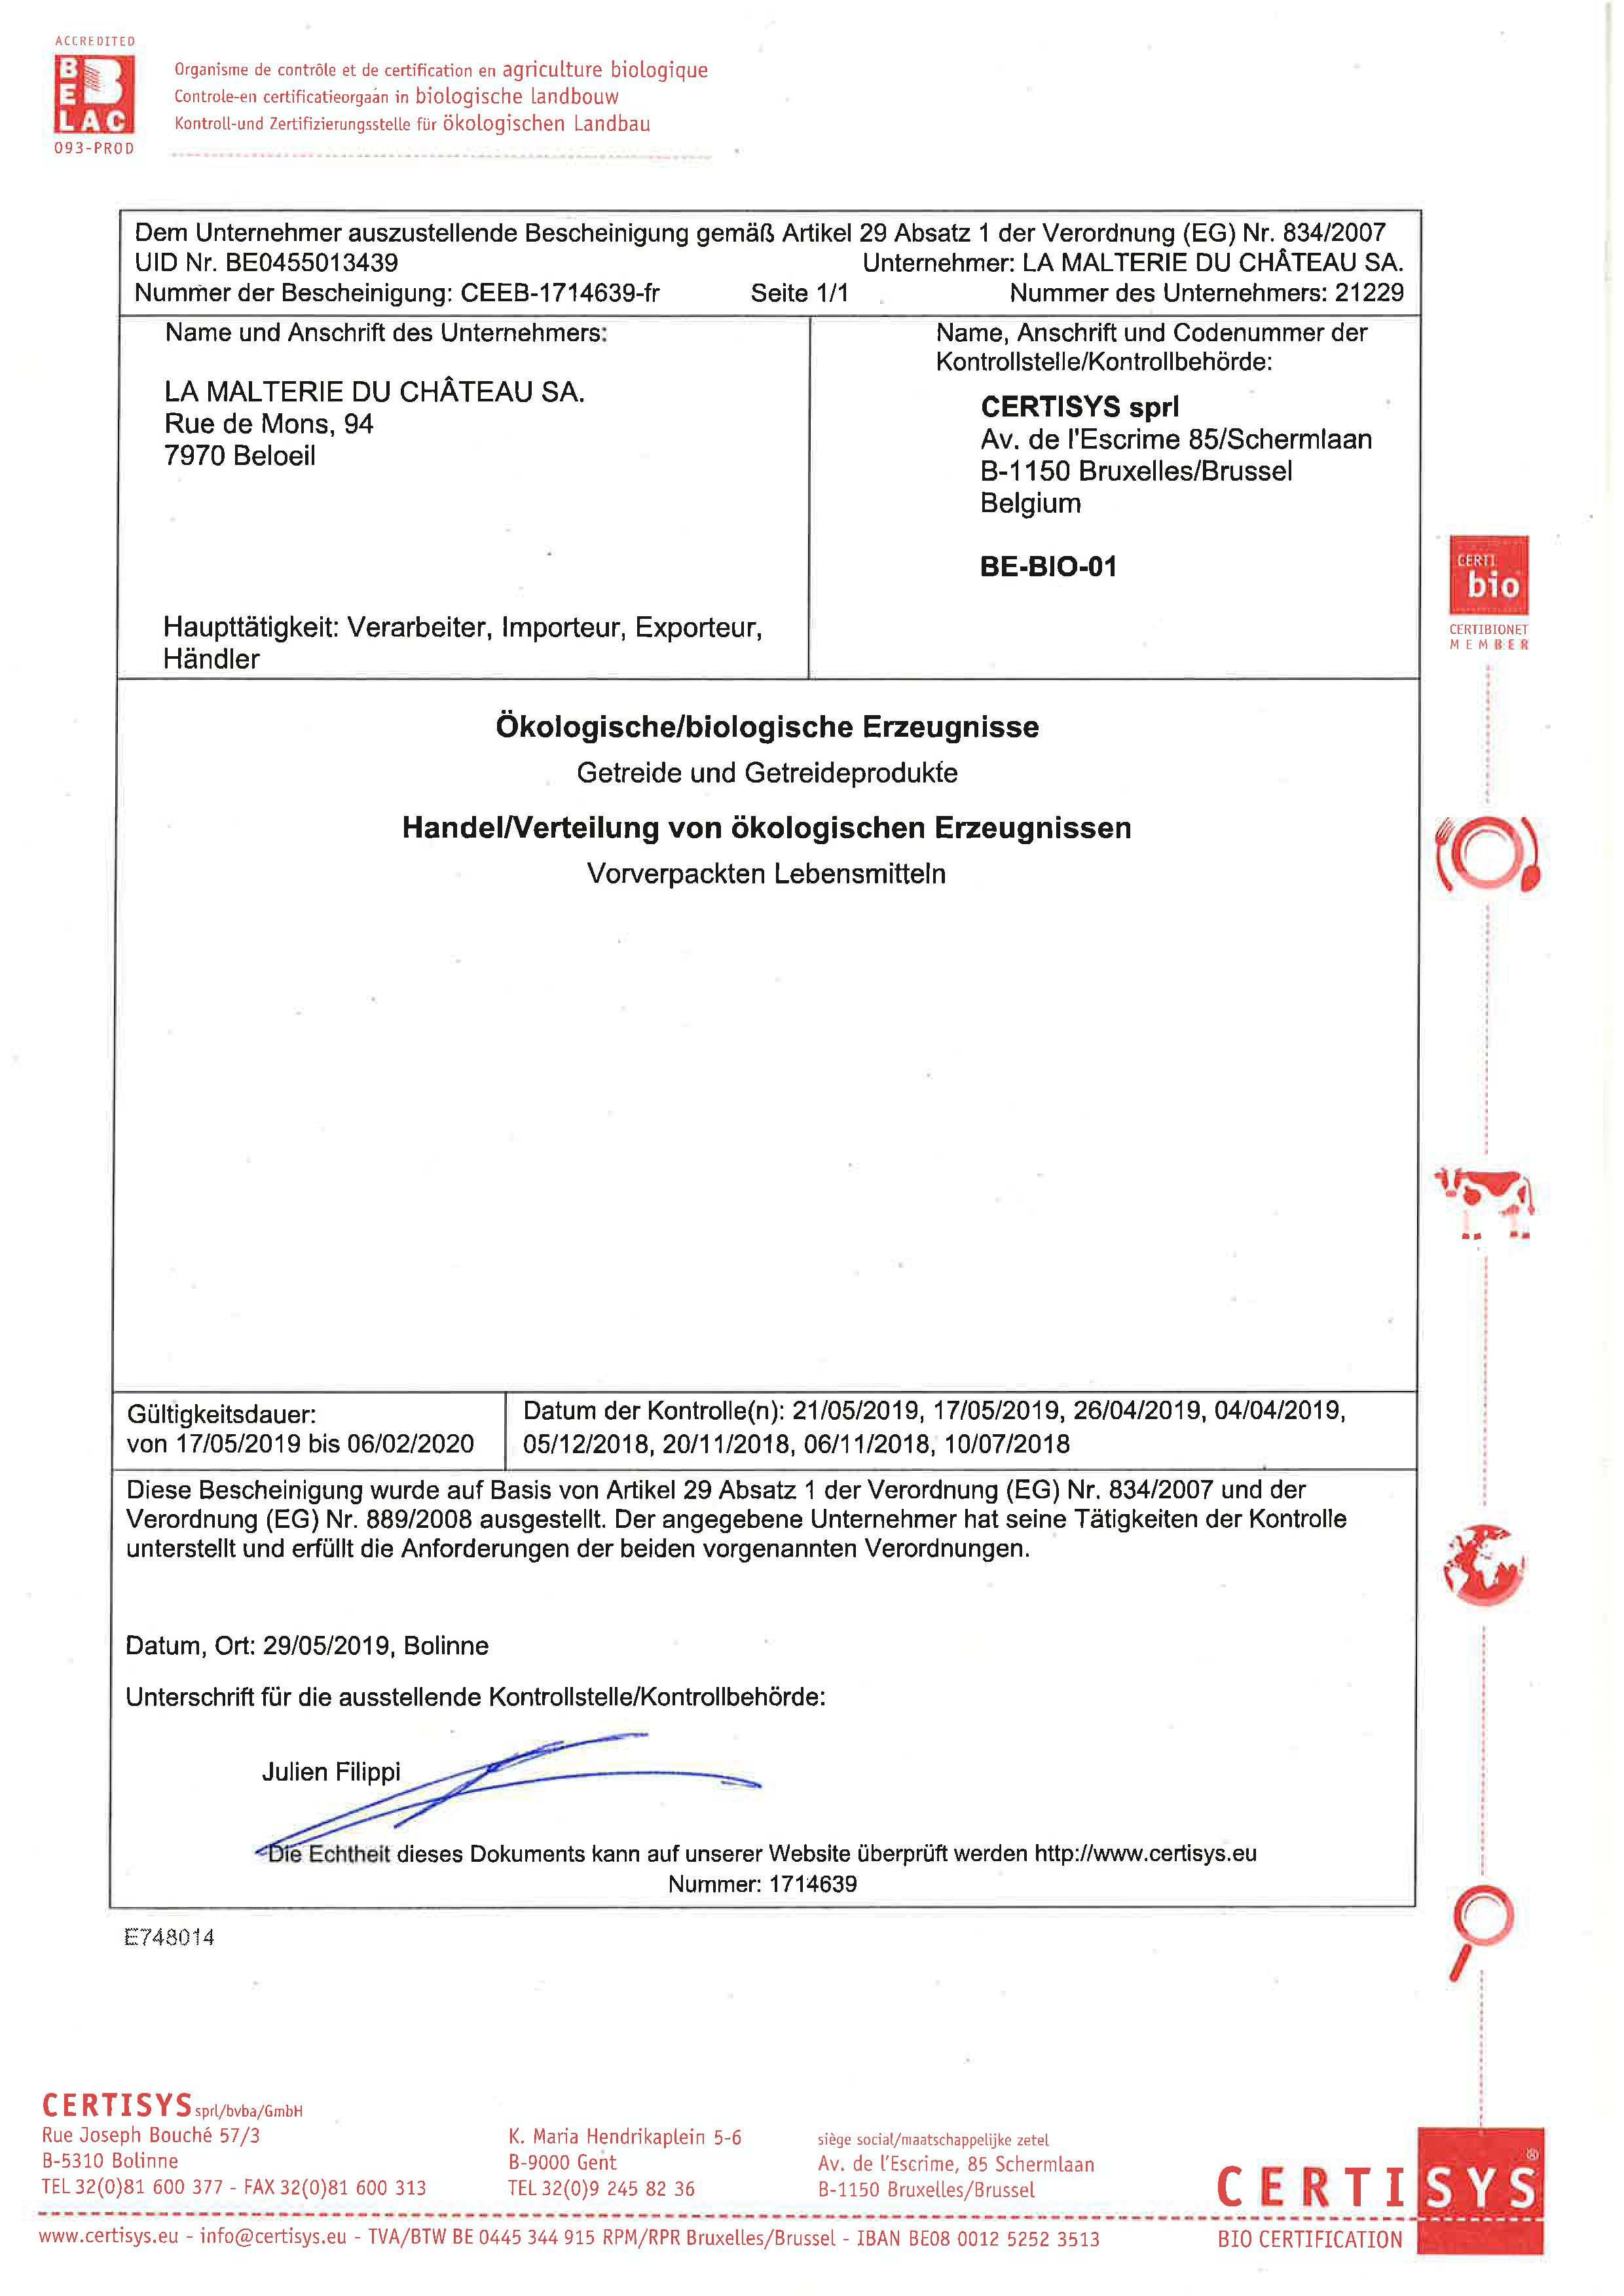 CM-Certificat-BIO-General_de.jpg